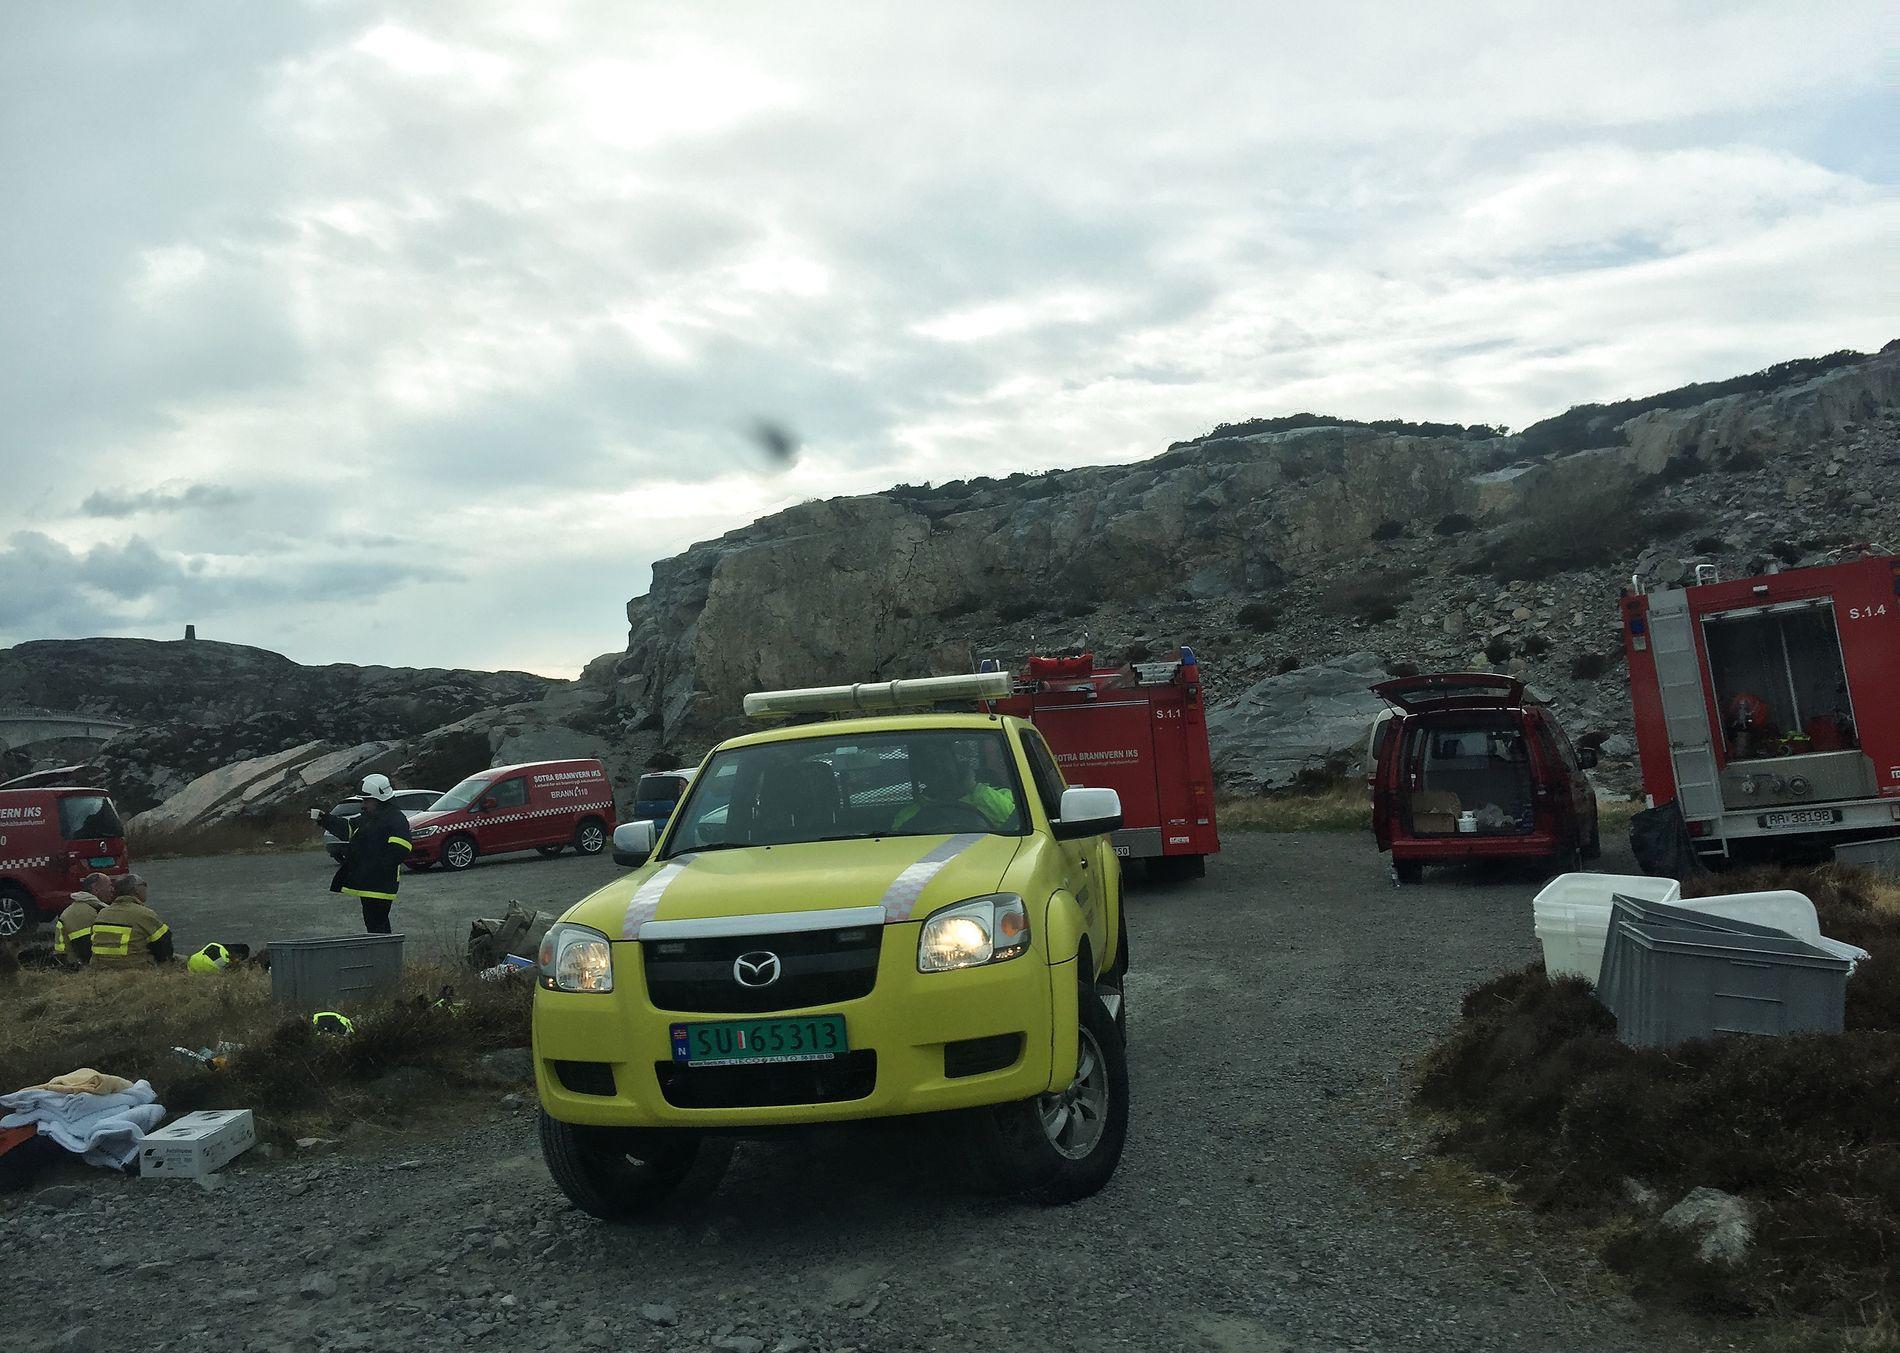 AKSJON: Inne på Turøya står politi-, brann- og redningsbiler tett i tett. Bilene som kjører inn og ut av øya blir nøye kontrollert av politiet, og beboerne har blitt bedt om å holde seg hjemme inntil videre.